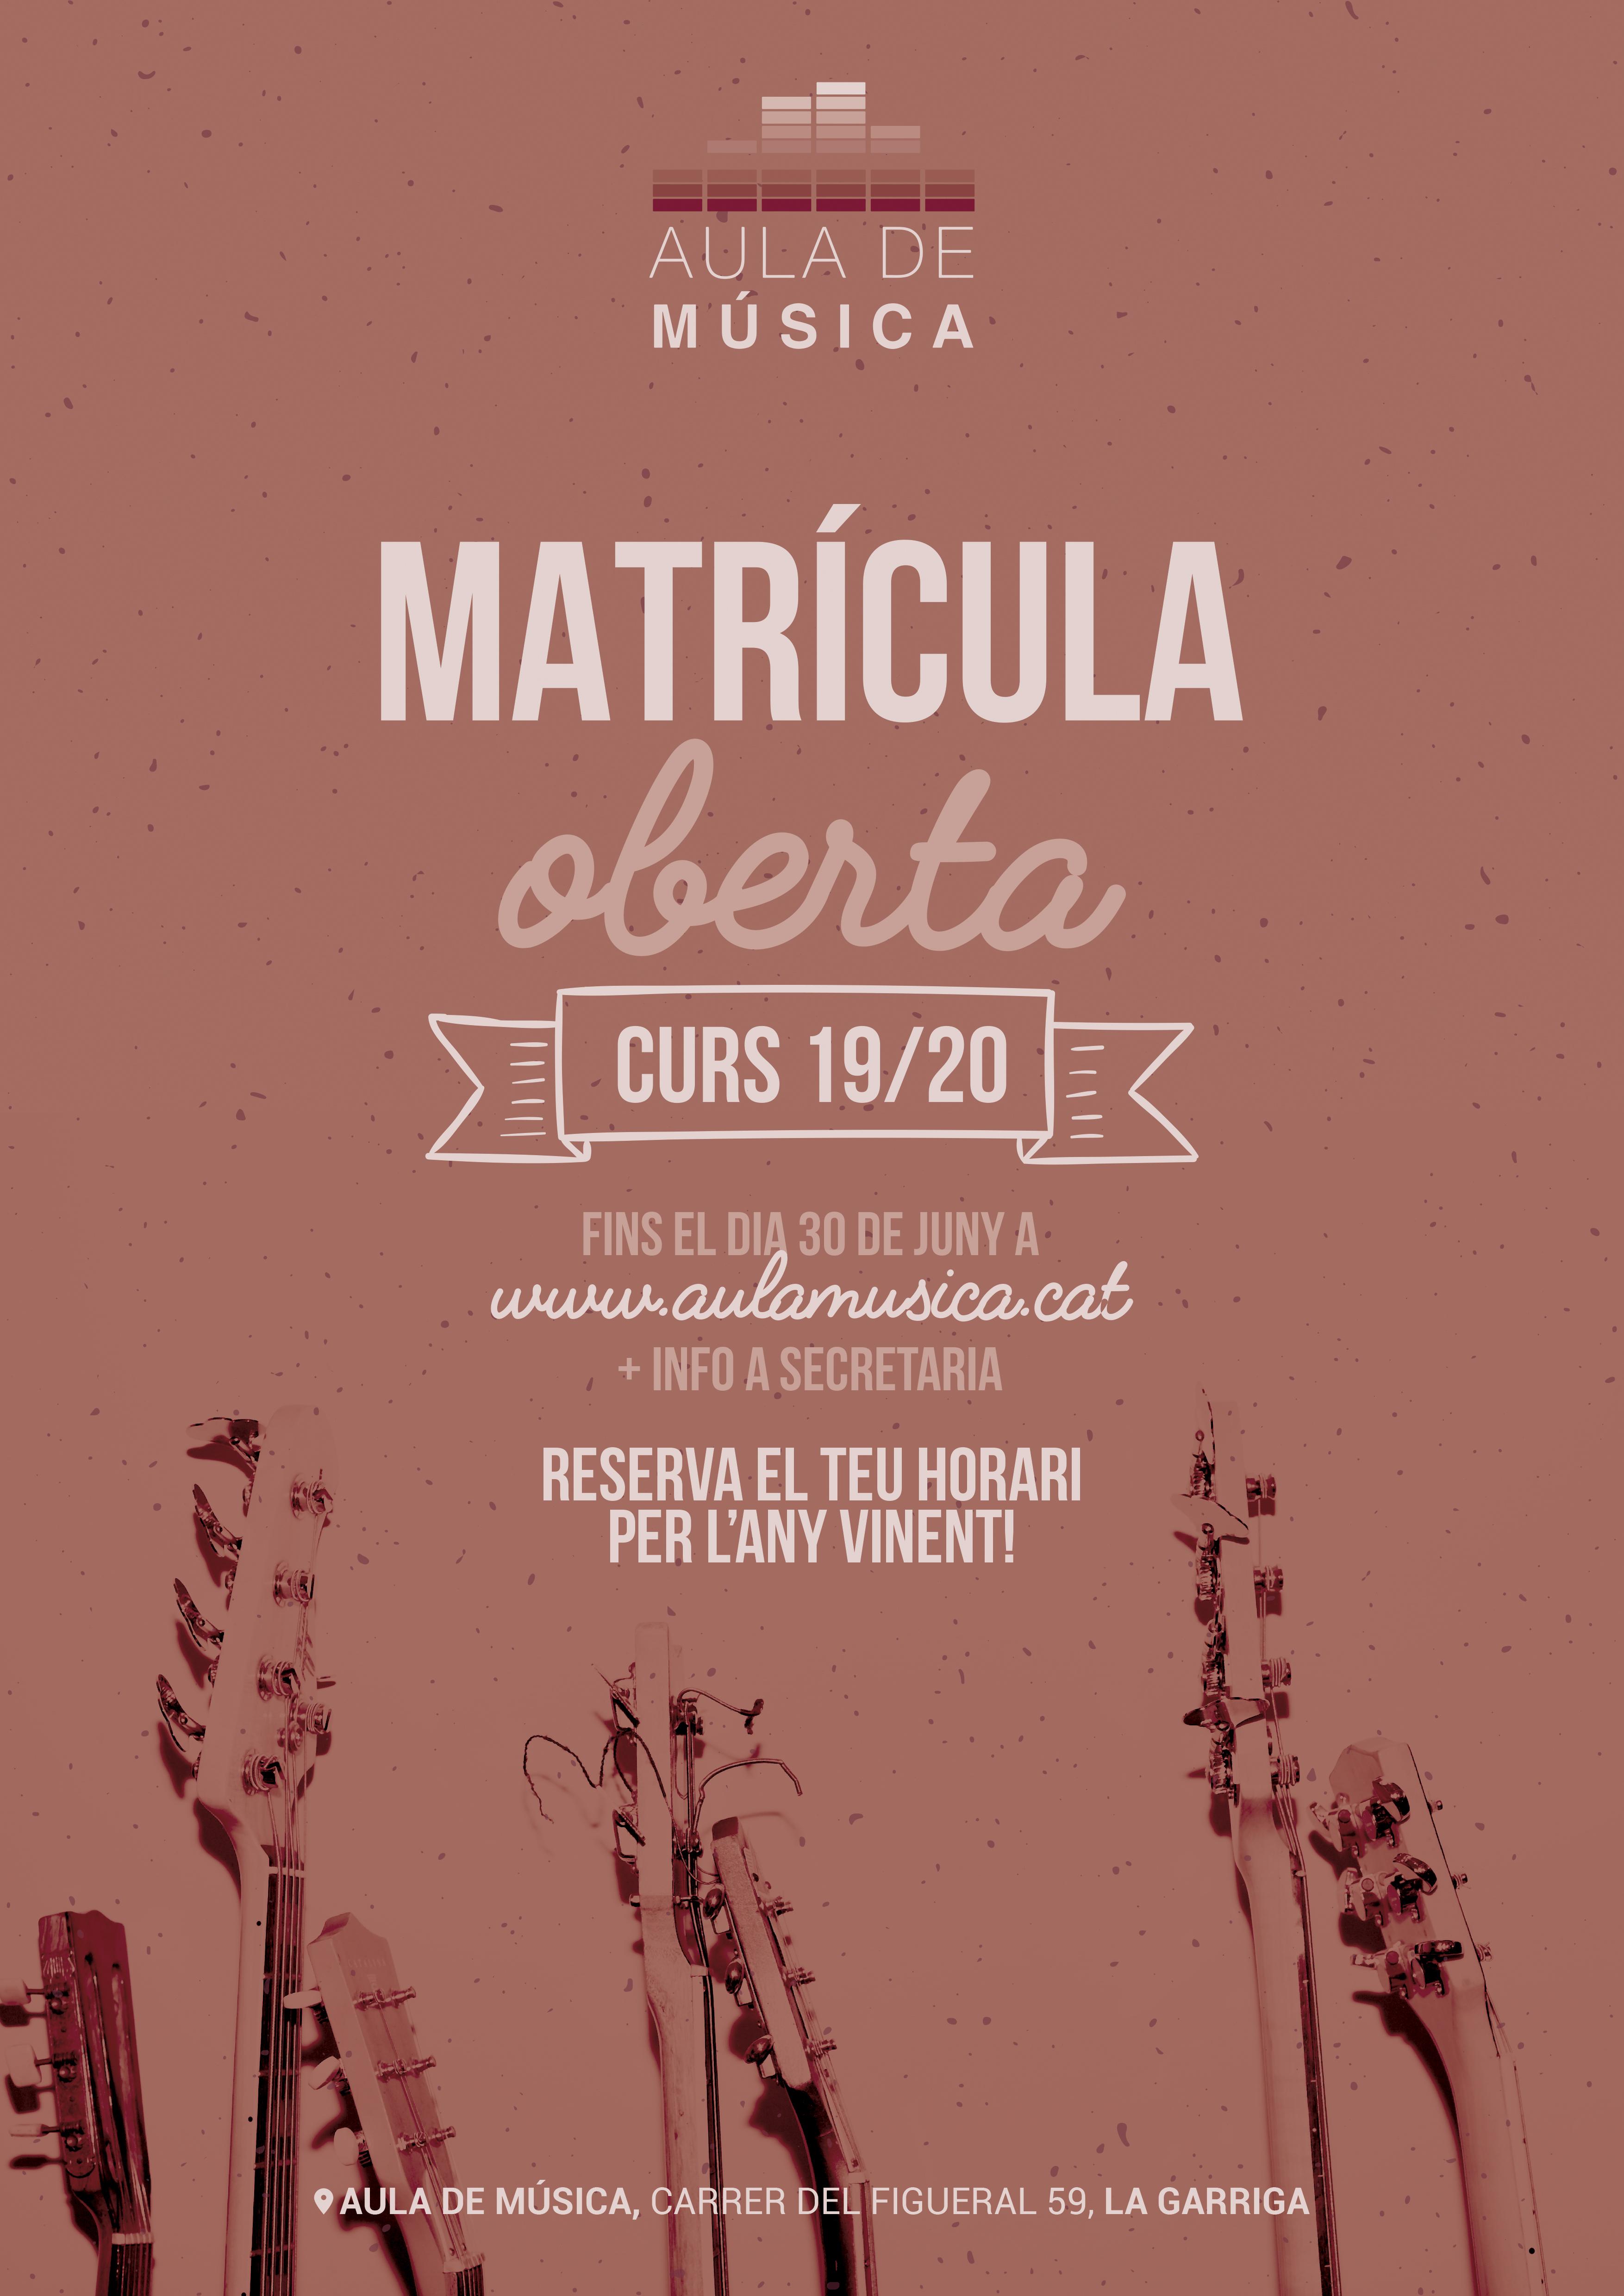 MatriculaOberta1920